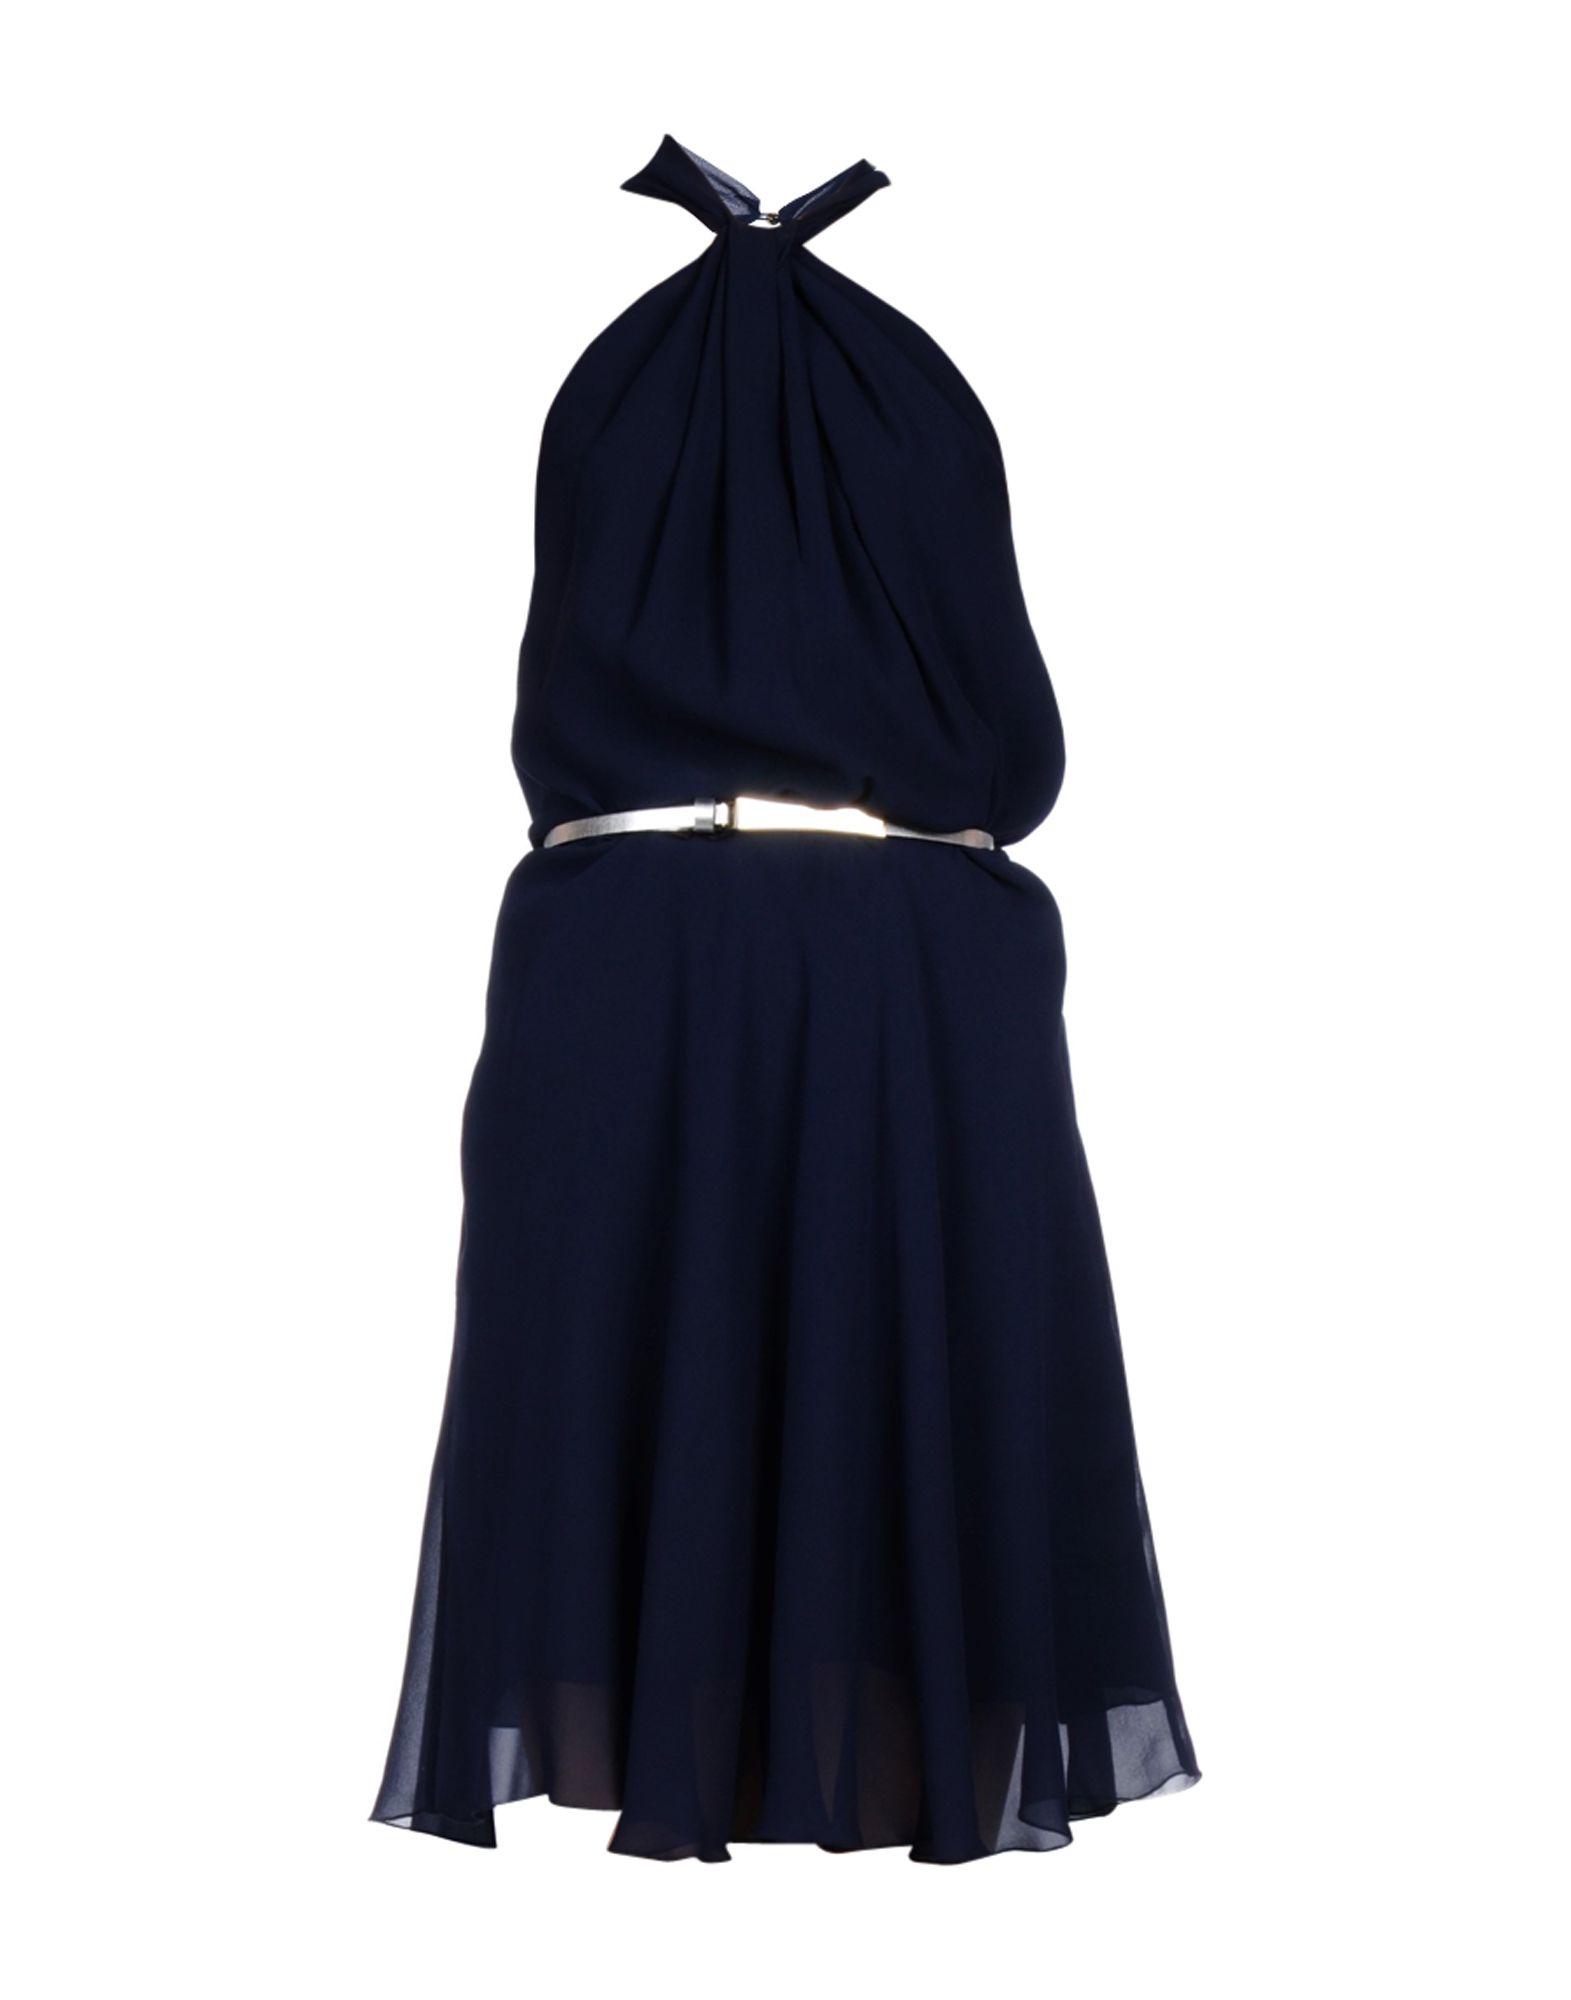 PATRIZIA PEPE SERA - ROBES - Robes aux genoux